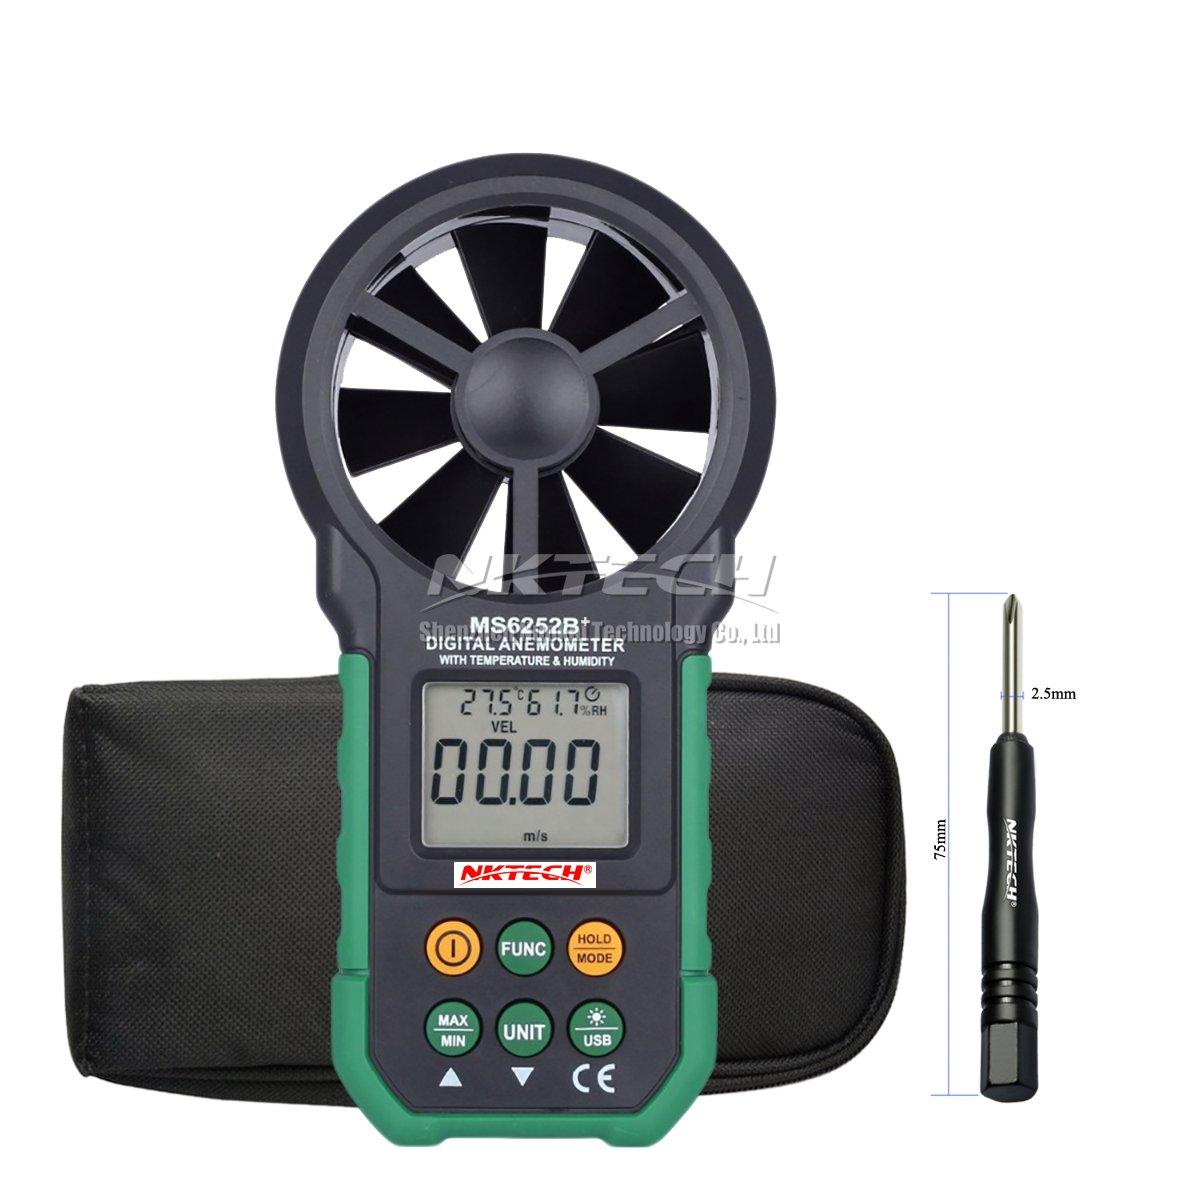 Nktech Ms6252b + Digital anémomètre Vitesse du vent Mètre Débit d'air Volume ambiante avec température humidité téléchargement USB de données rétroéclairage LCD de poche électronique Test MS6252B+